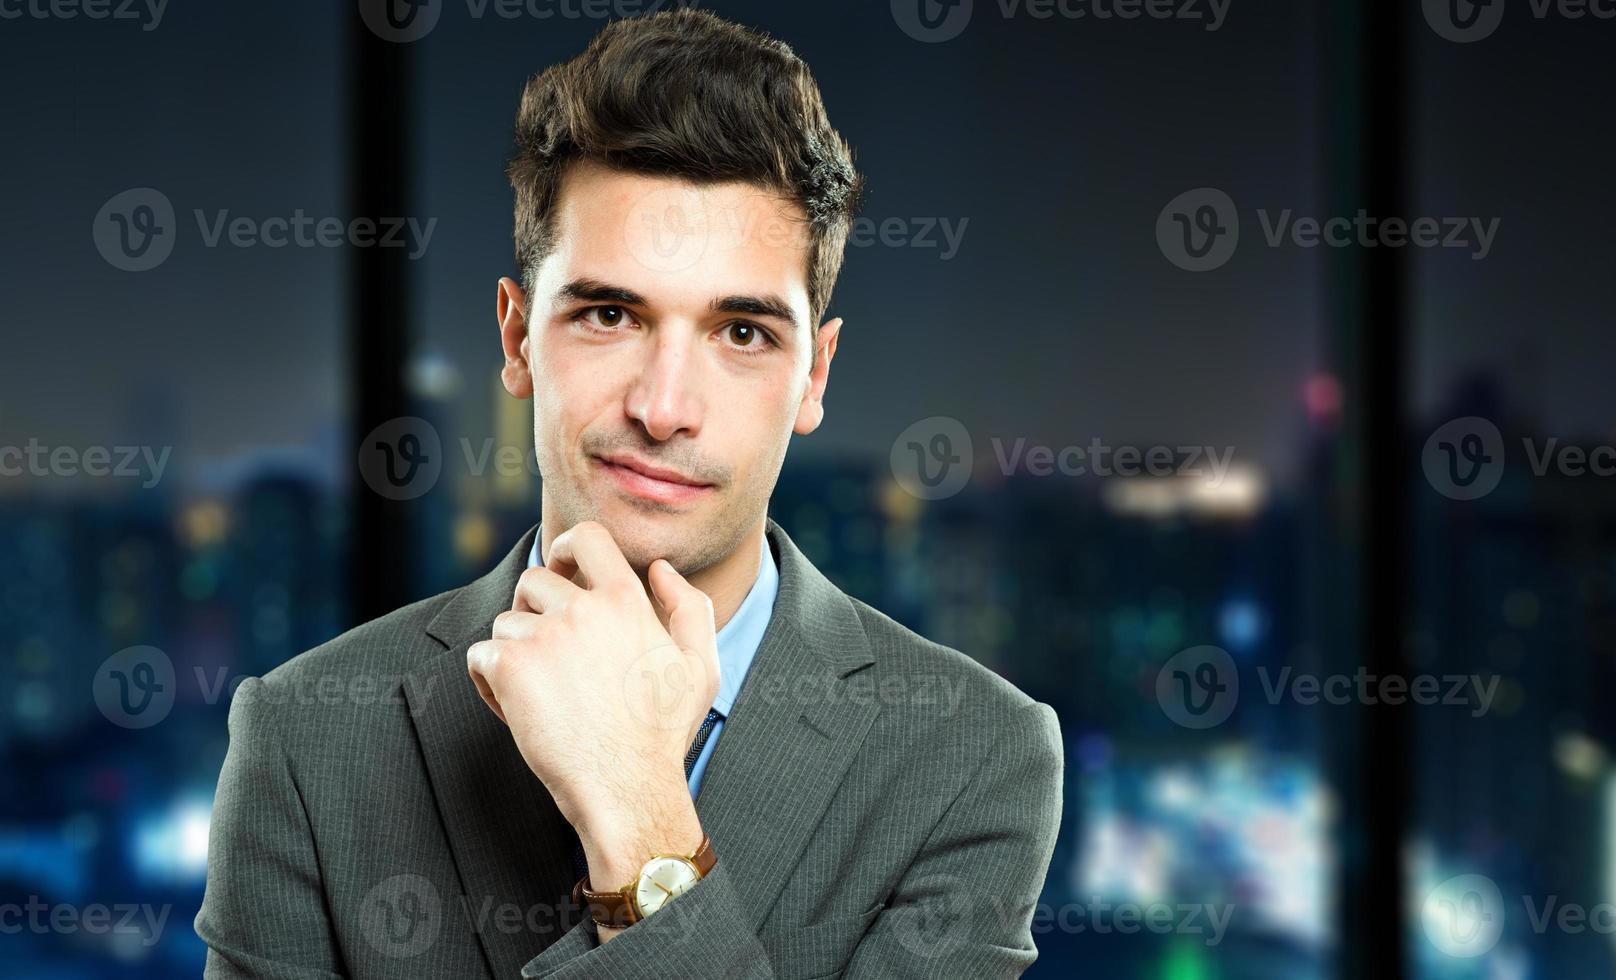 jovem gerente em seu escritório durante a noite foto